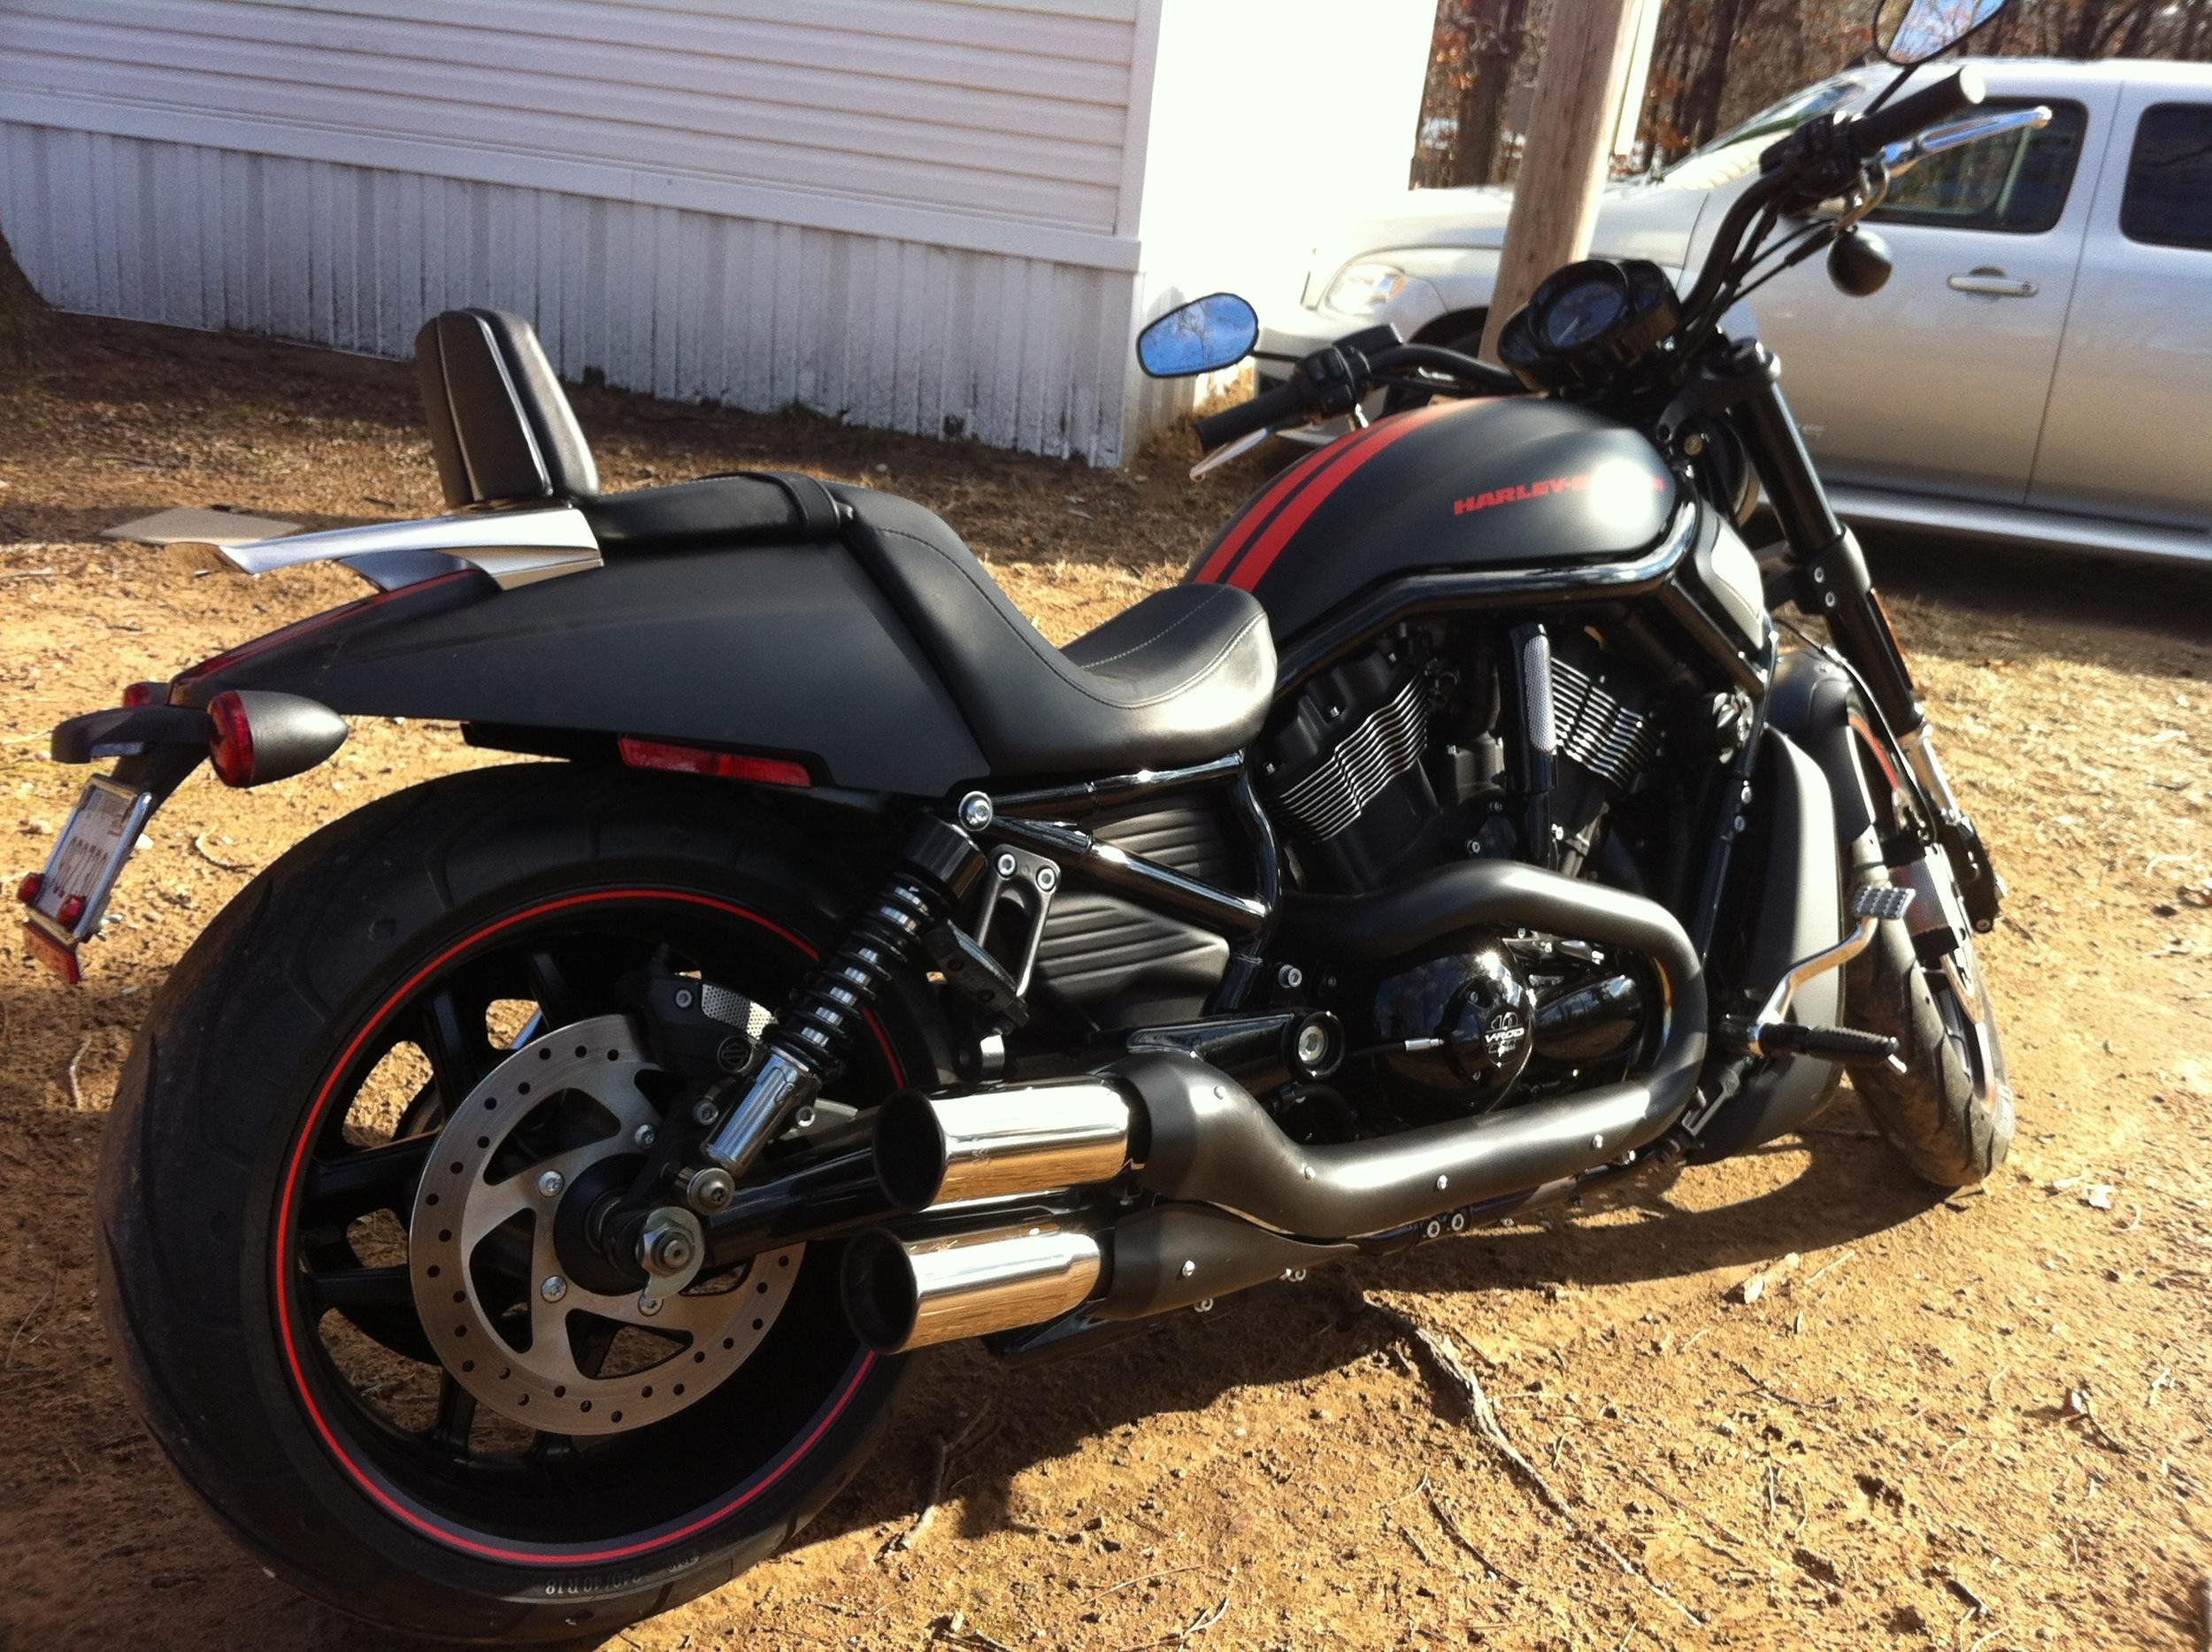 Vrscdx Back Rest And Luggage Rack Harley Davidson V Rod Forum